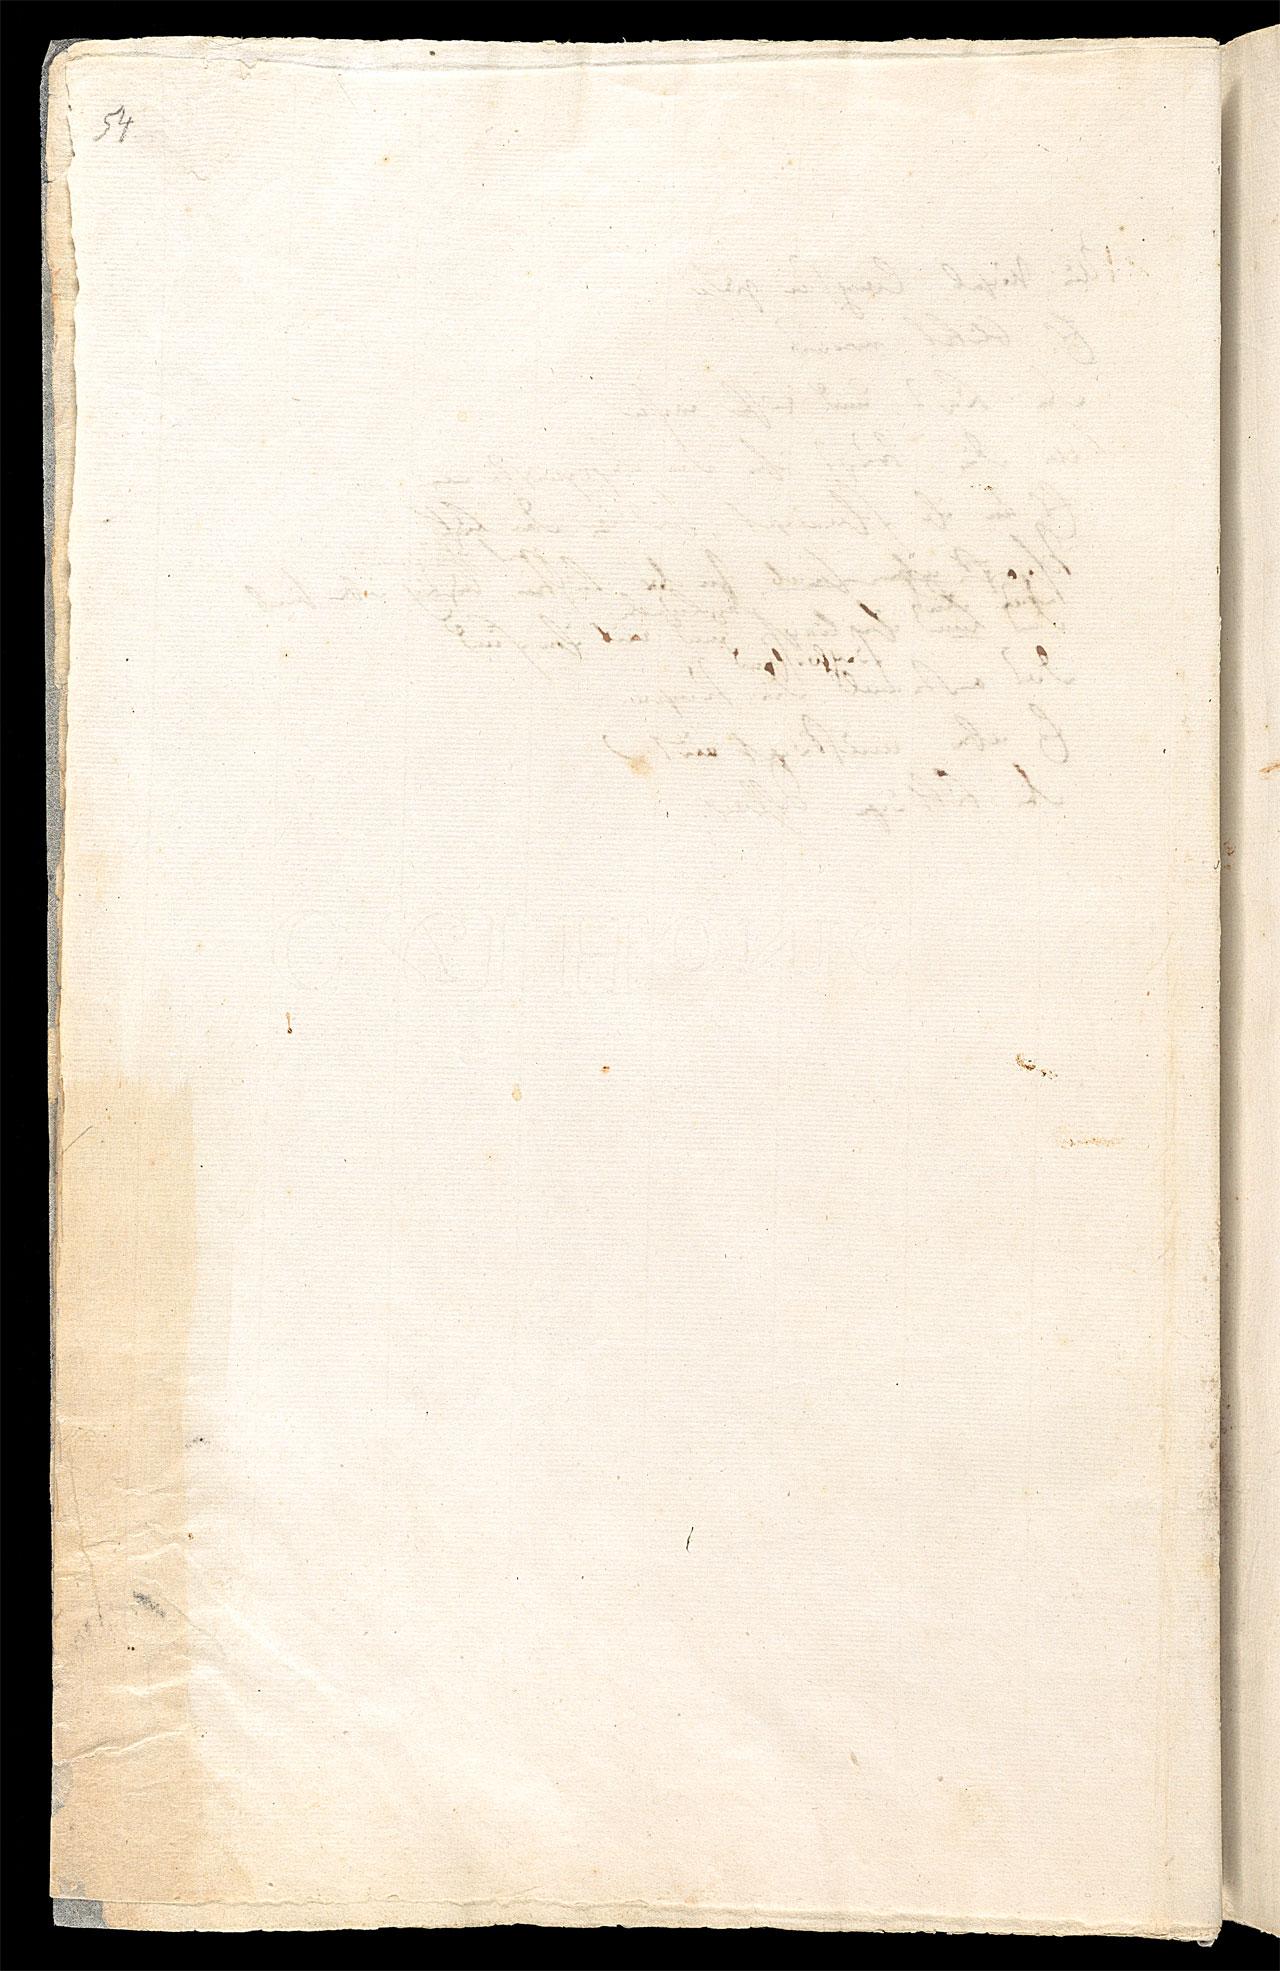 Friedrich Hölderlin, Homburger Folioheft, Seite 54, Handschrift